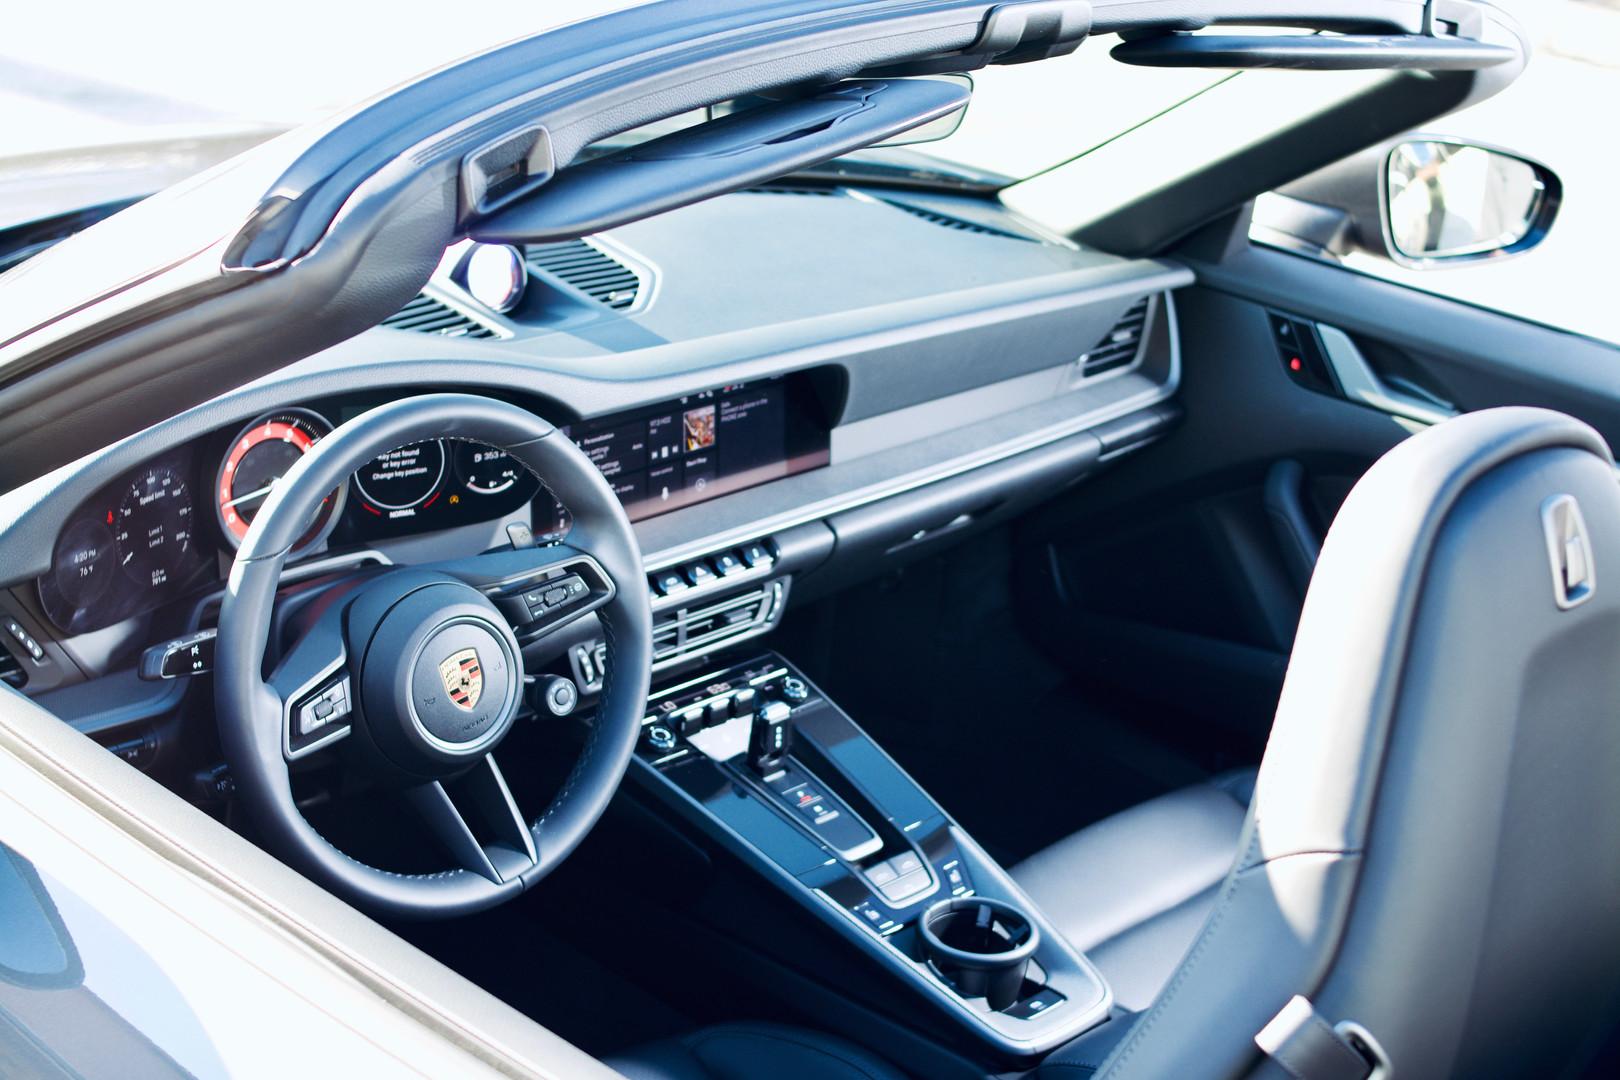 Brand new 2020 Porsche interior by Coppo